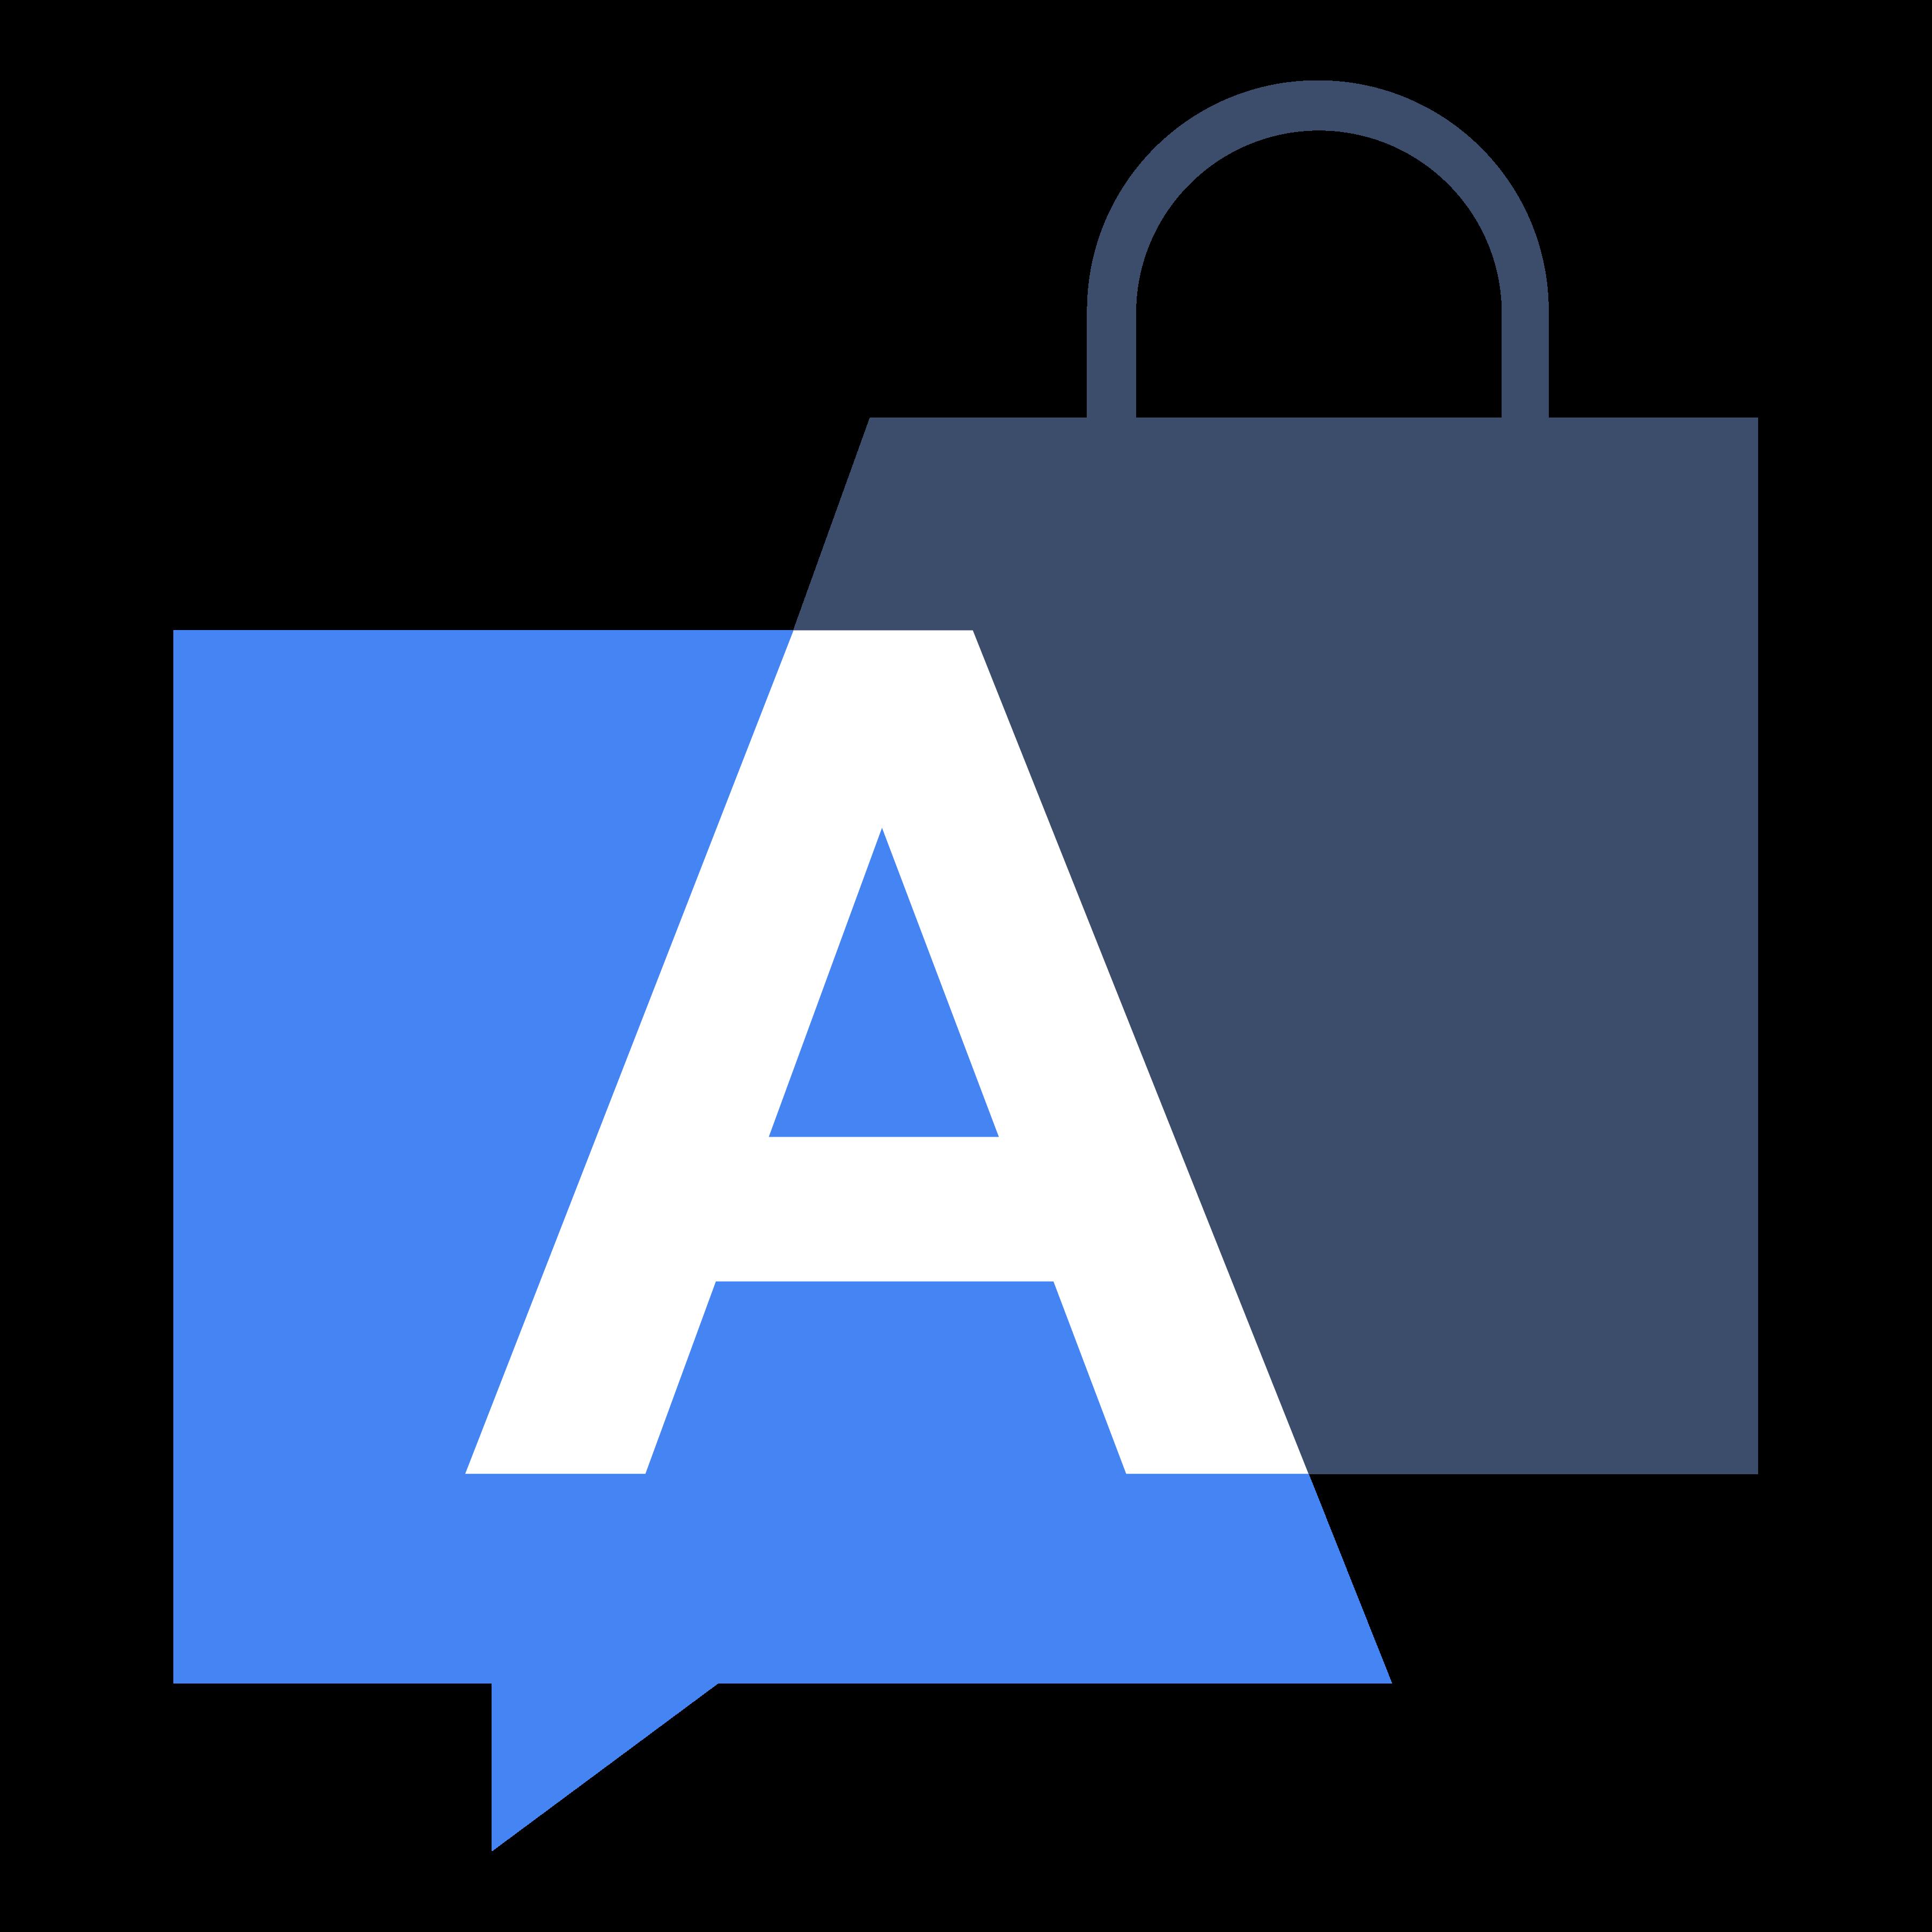 Acobot